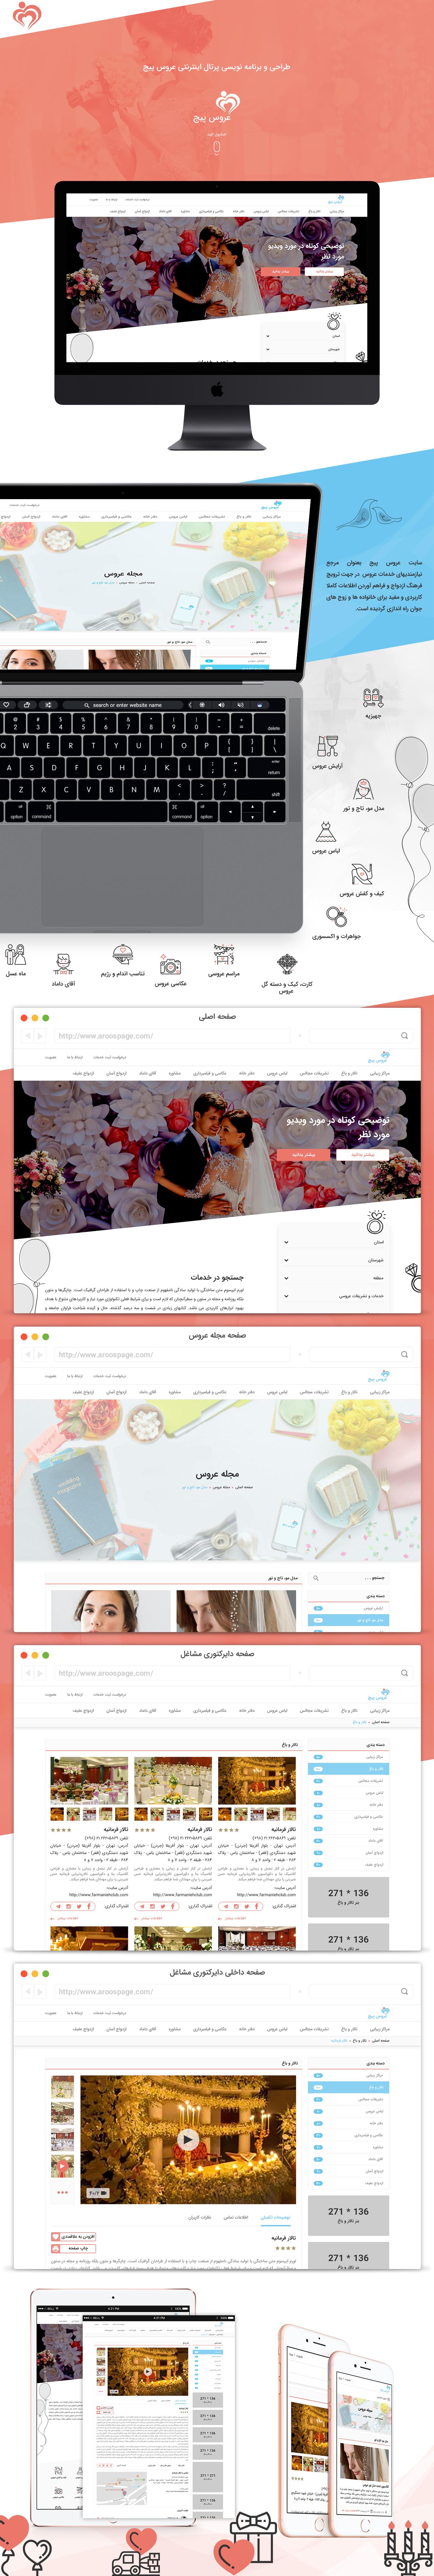 پرتال اینترنتی عروس پیج